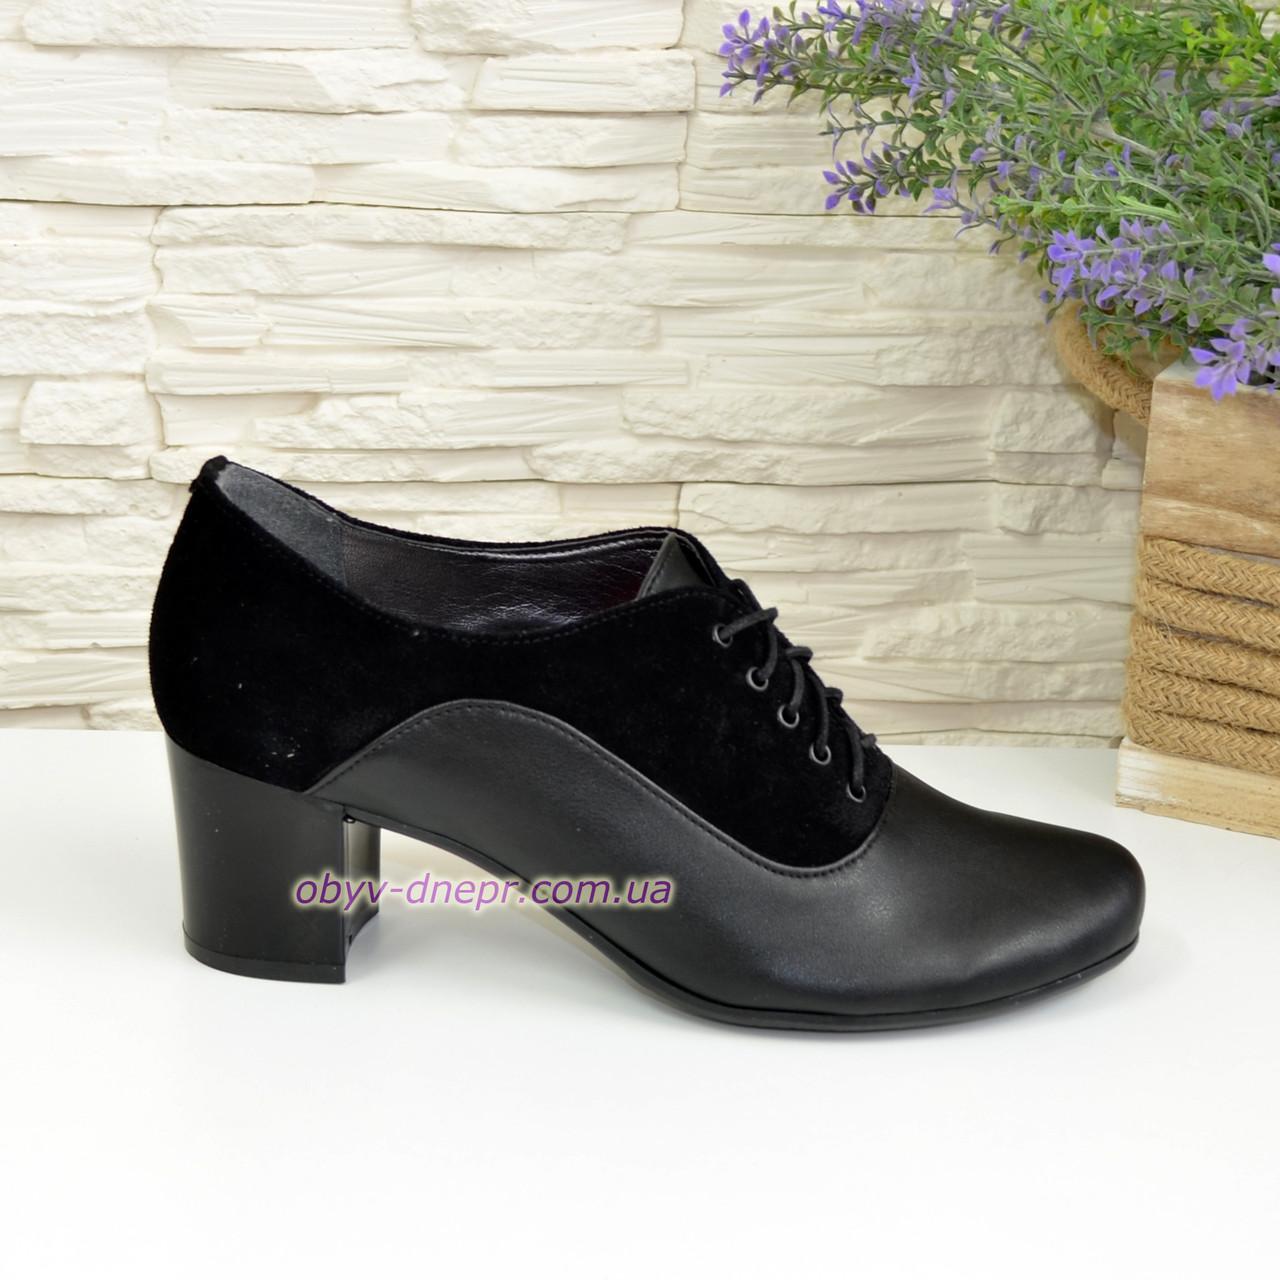 Женские туфли из натуральной черной замши и кожи, на шнуровке